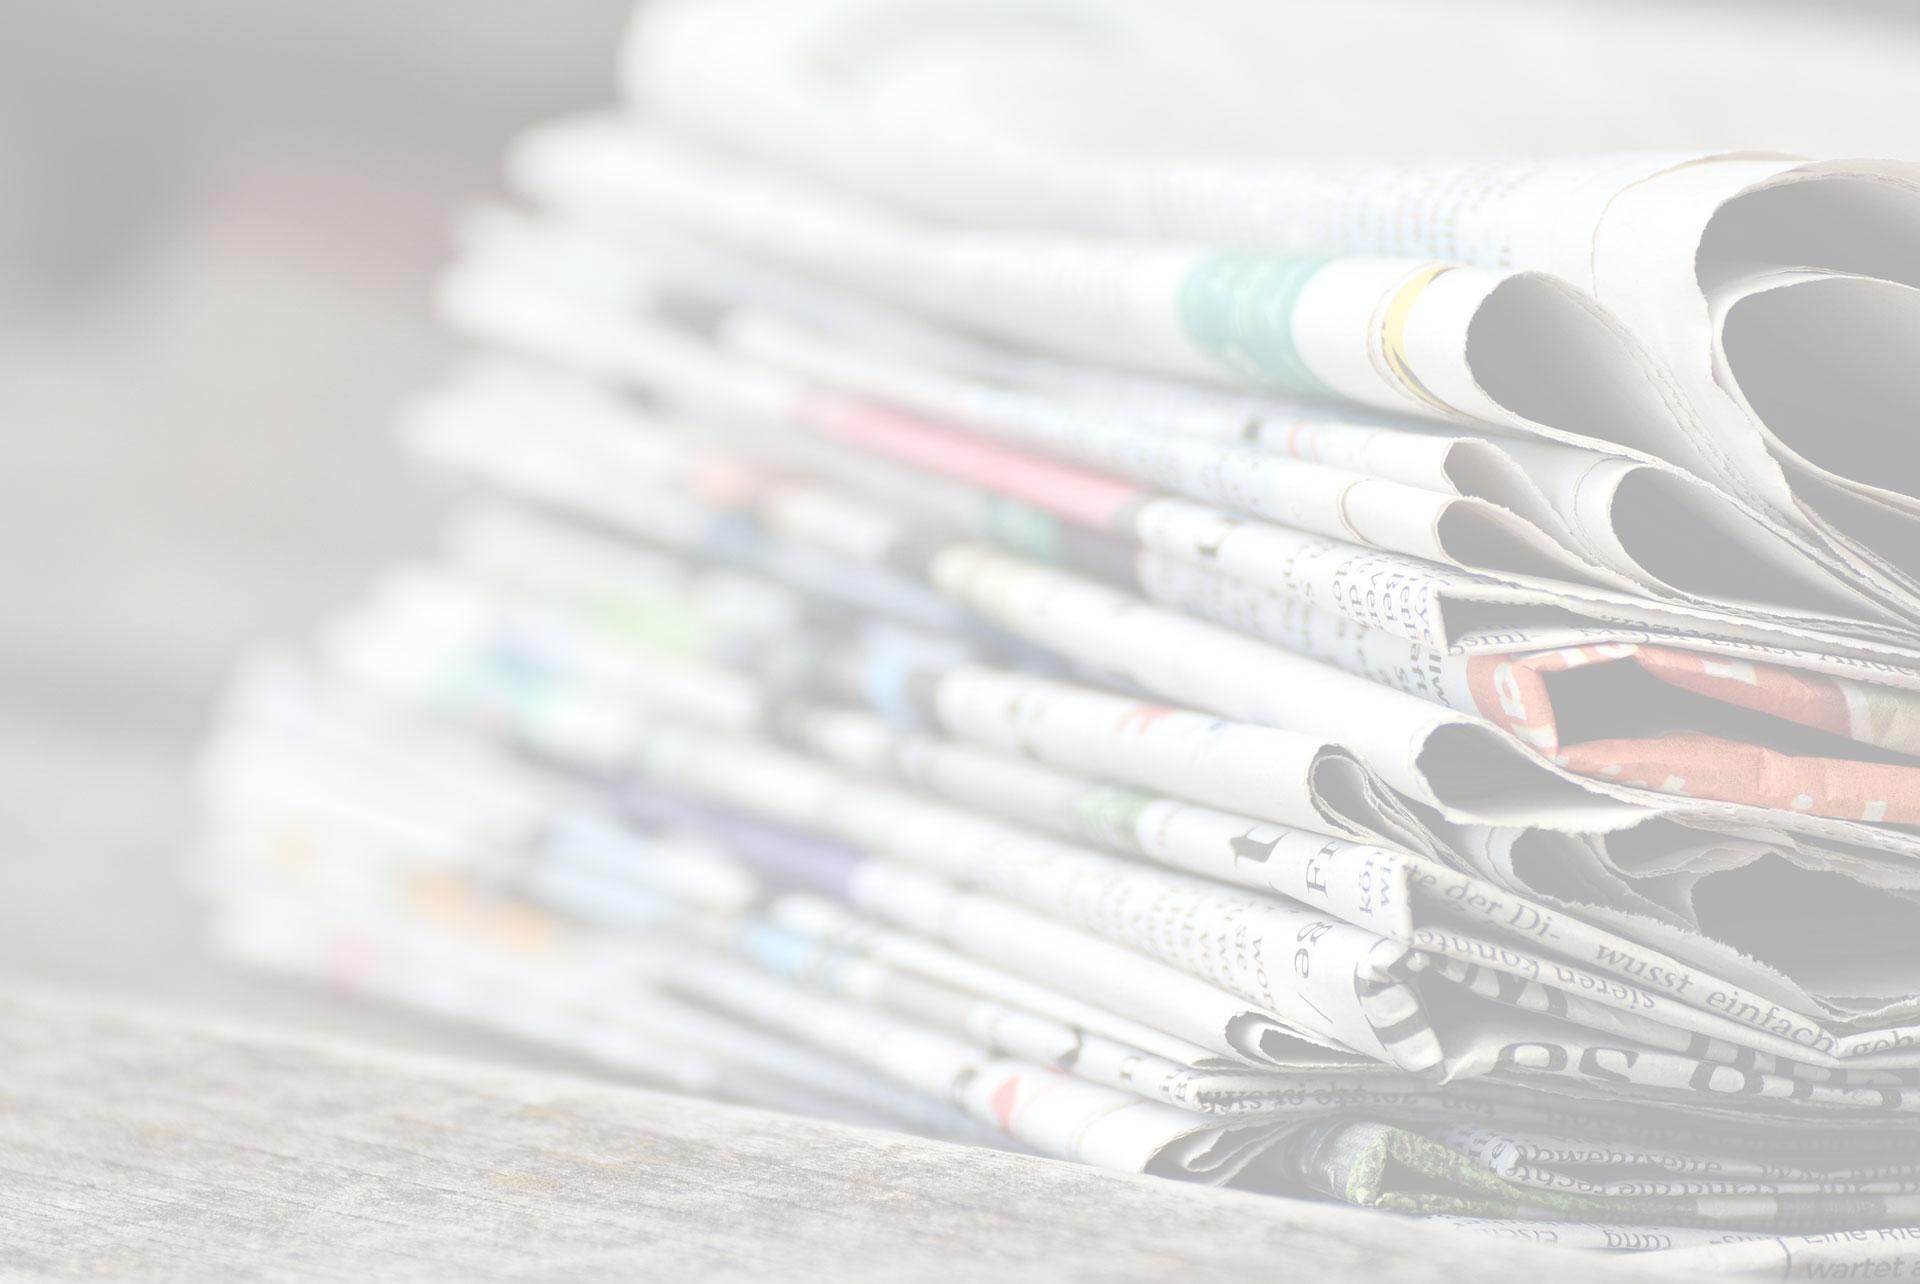 Divisione Calcio a 5 nella bufera, il presidente Montemurro